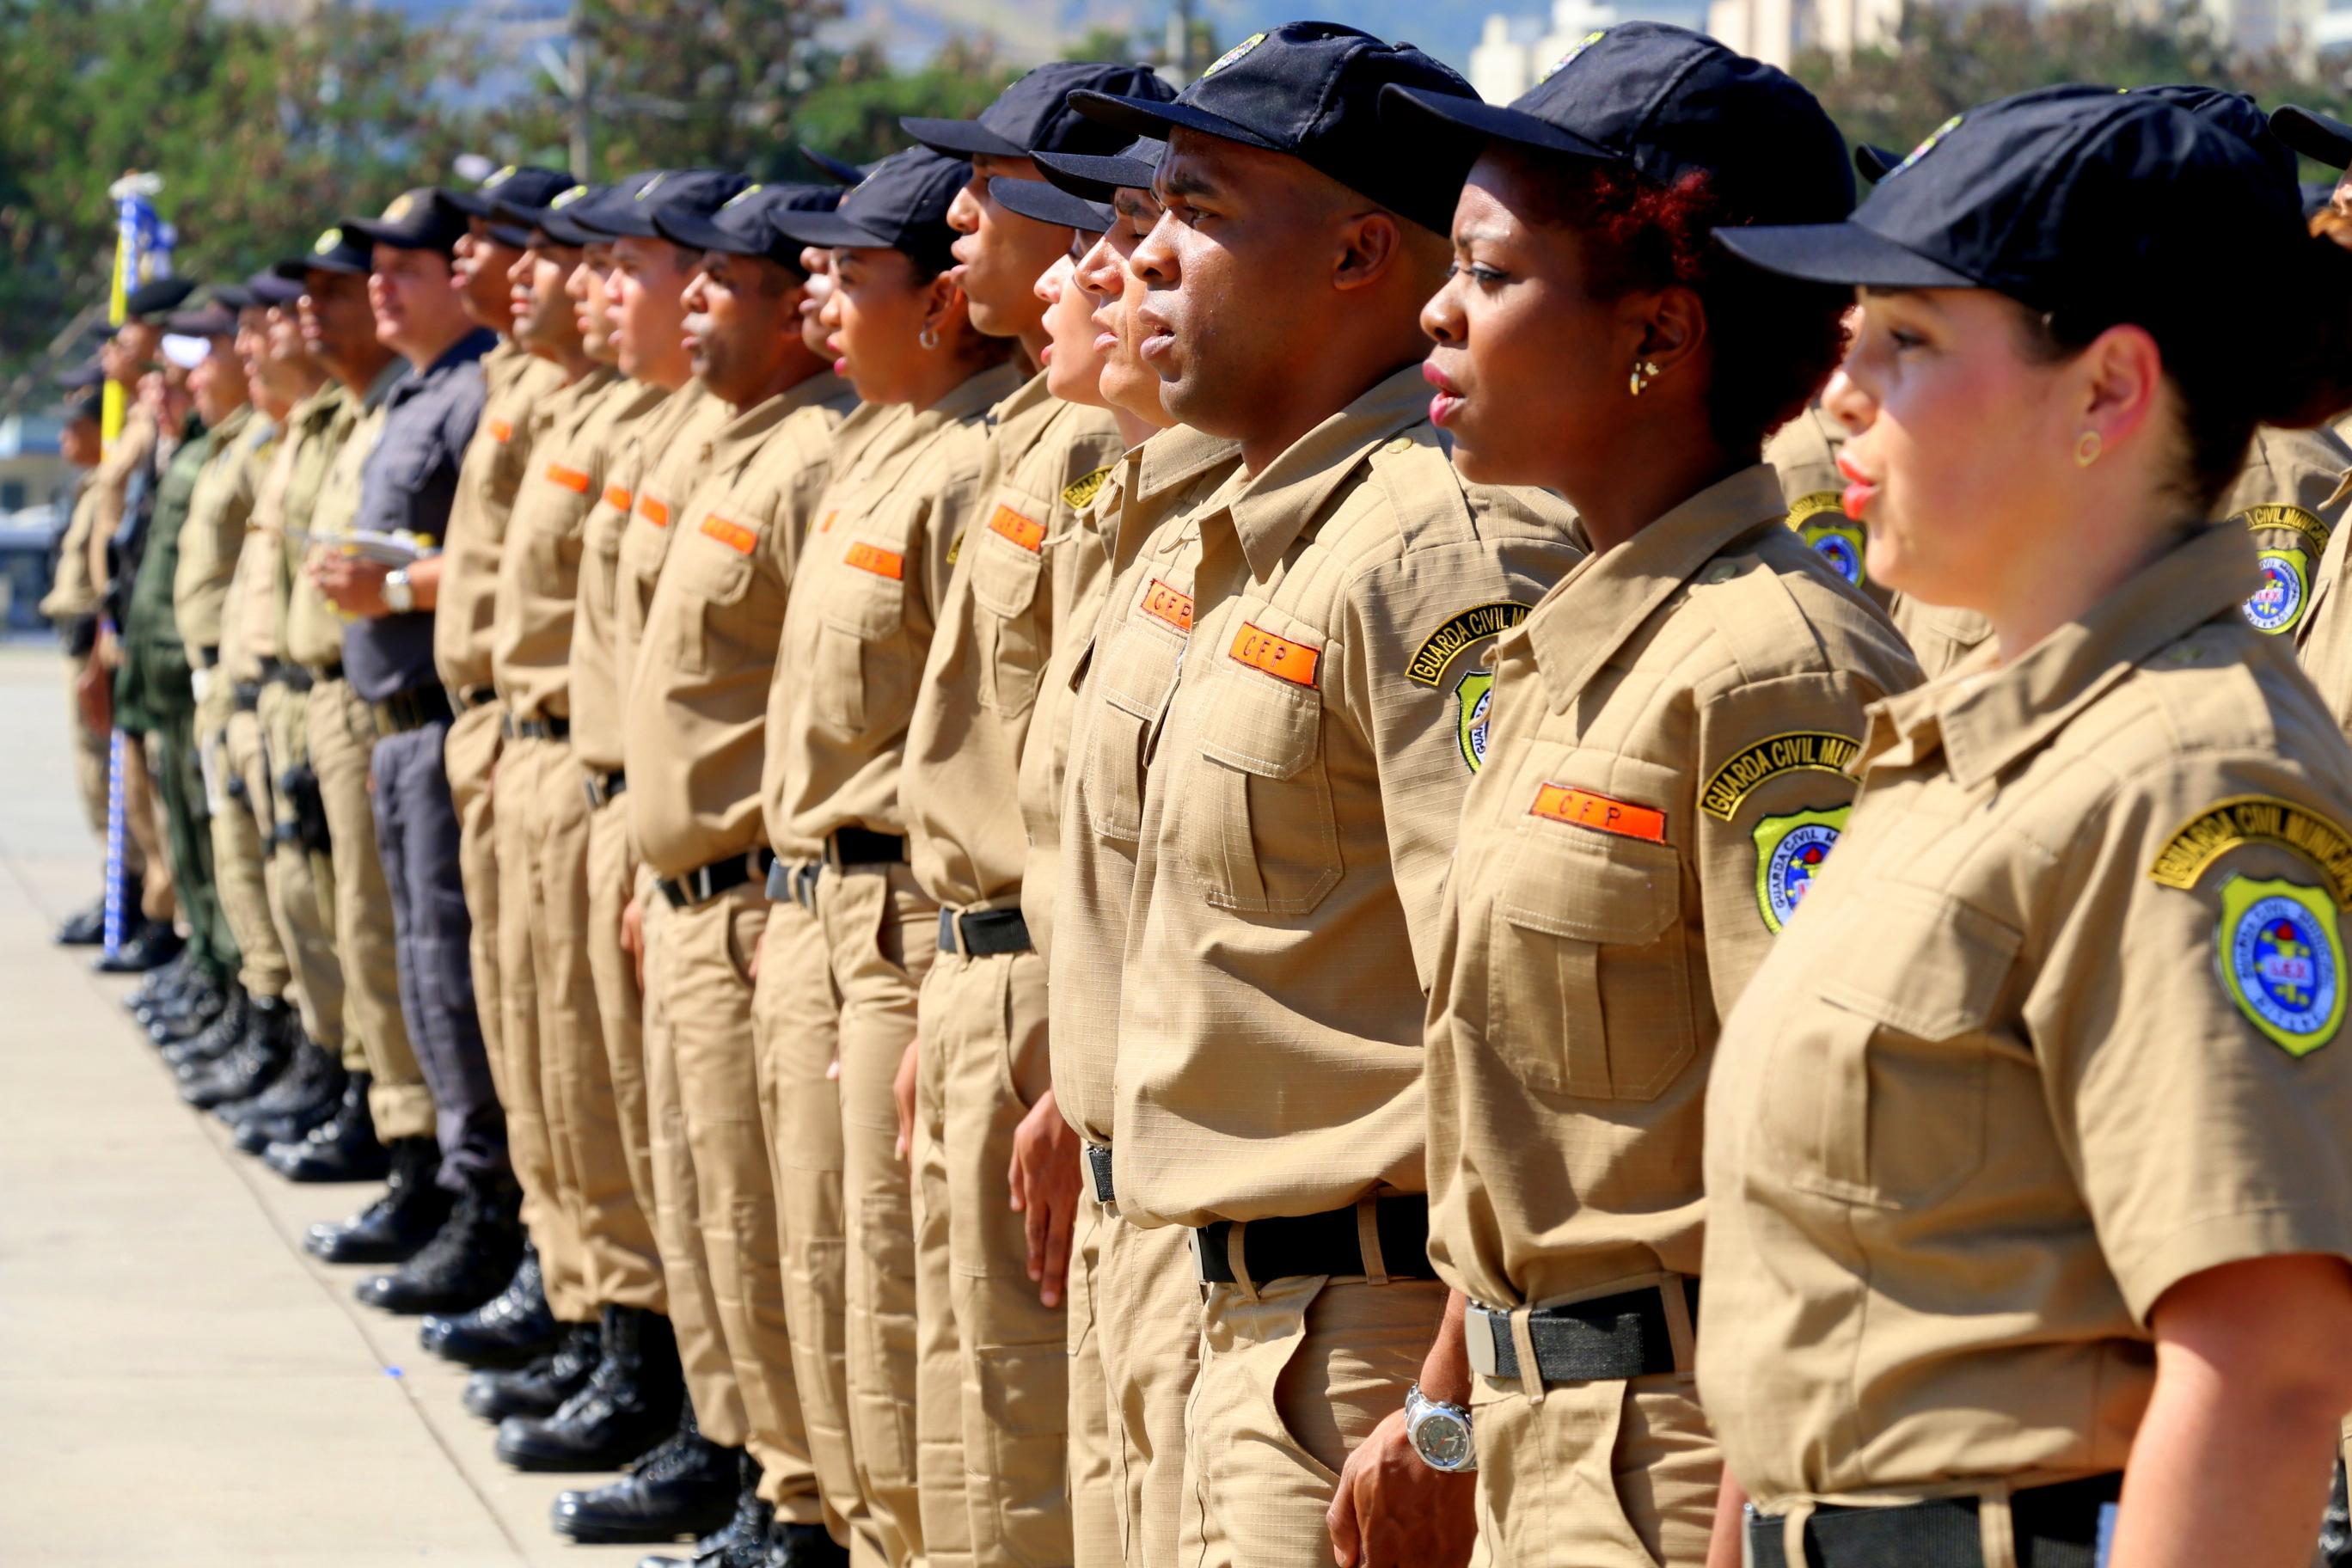 Imagem notícia Saiu Edital Guarda Municipal de Niterói nesta sexta-feira, 18